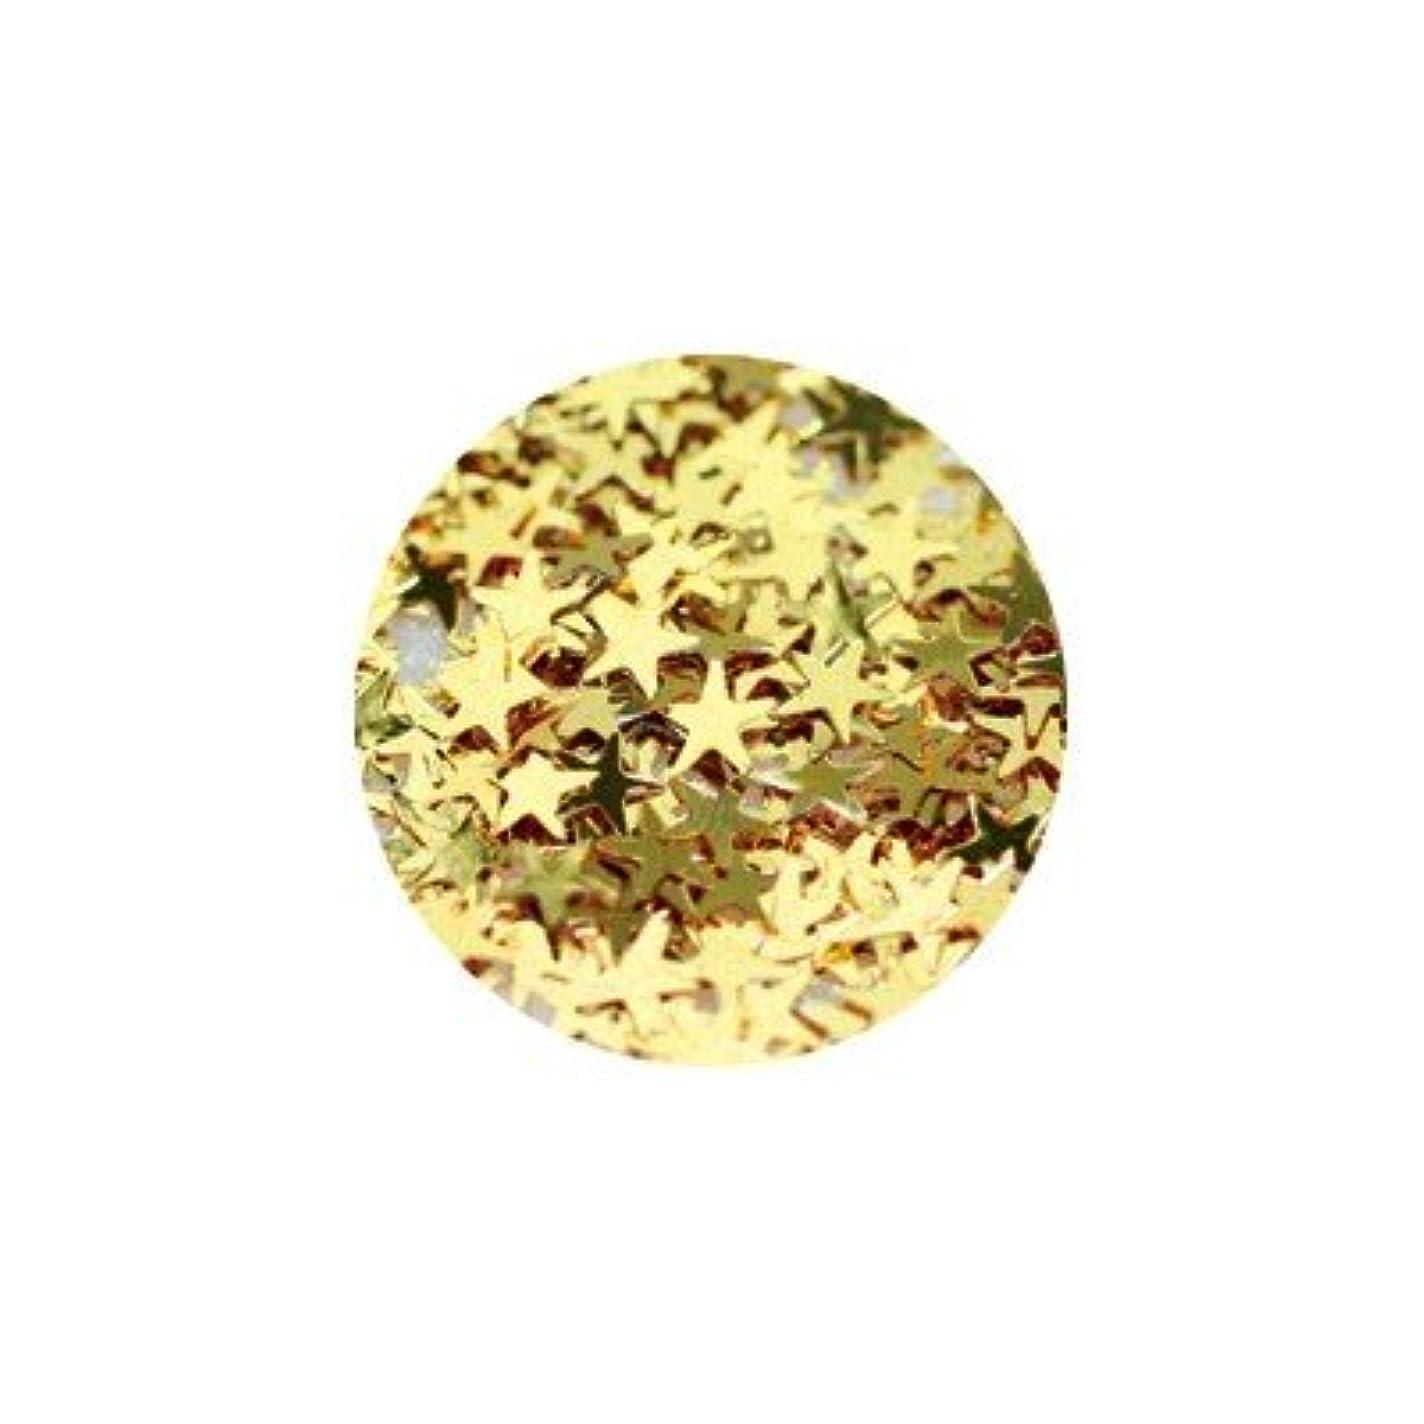 損傷誤解香ばしいキラキラ ゴールド スター 2.5mm